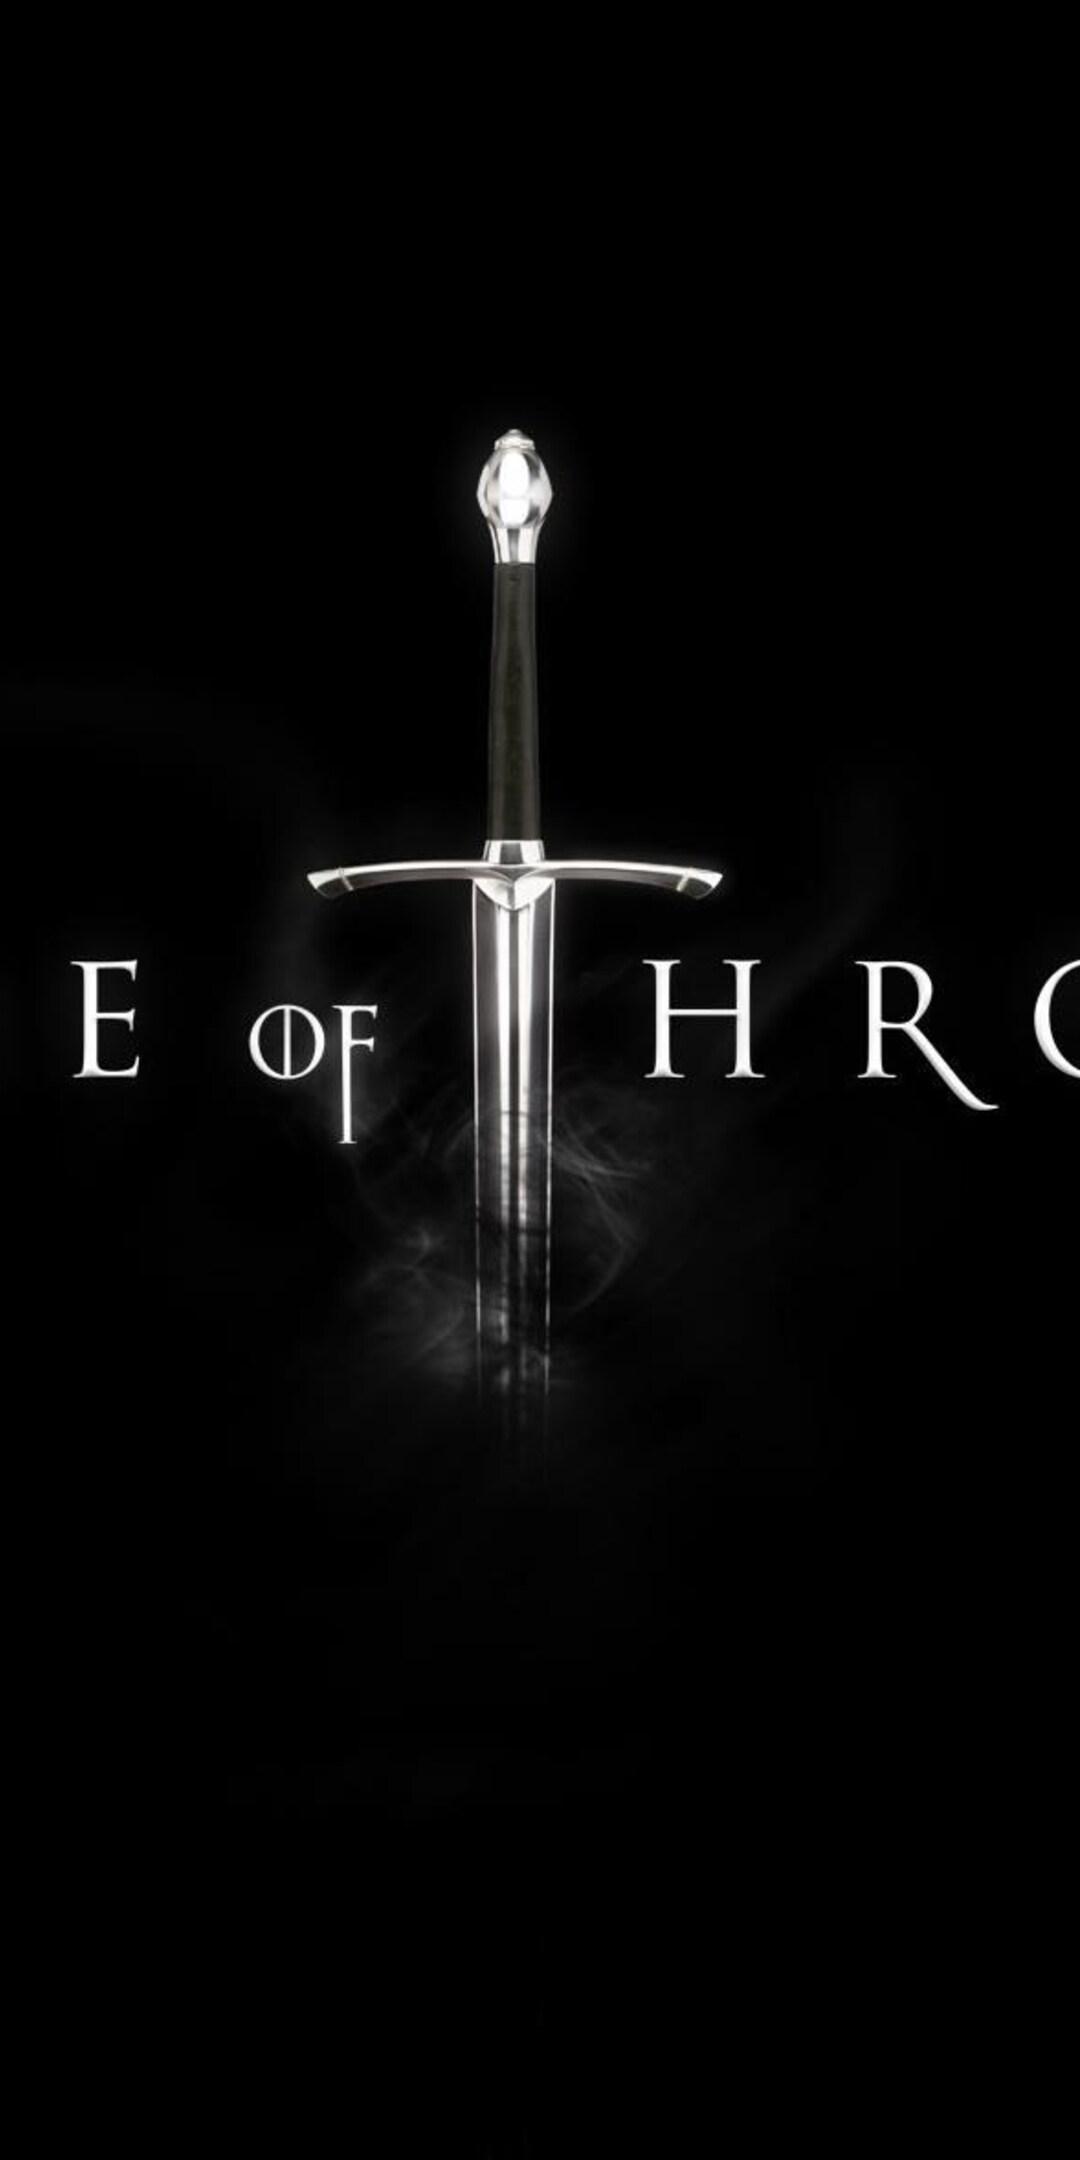 game-of-thrones-simple-4k.jpg